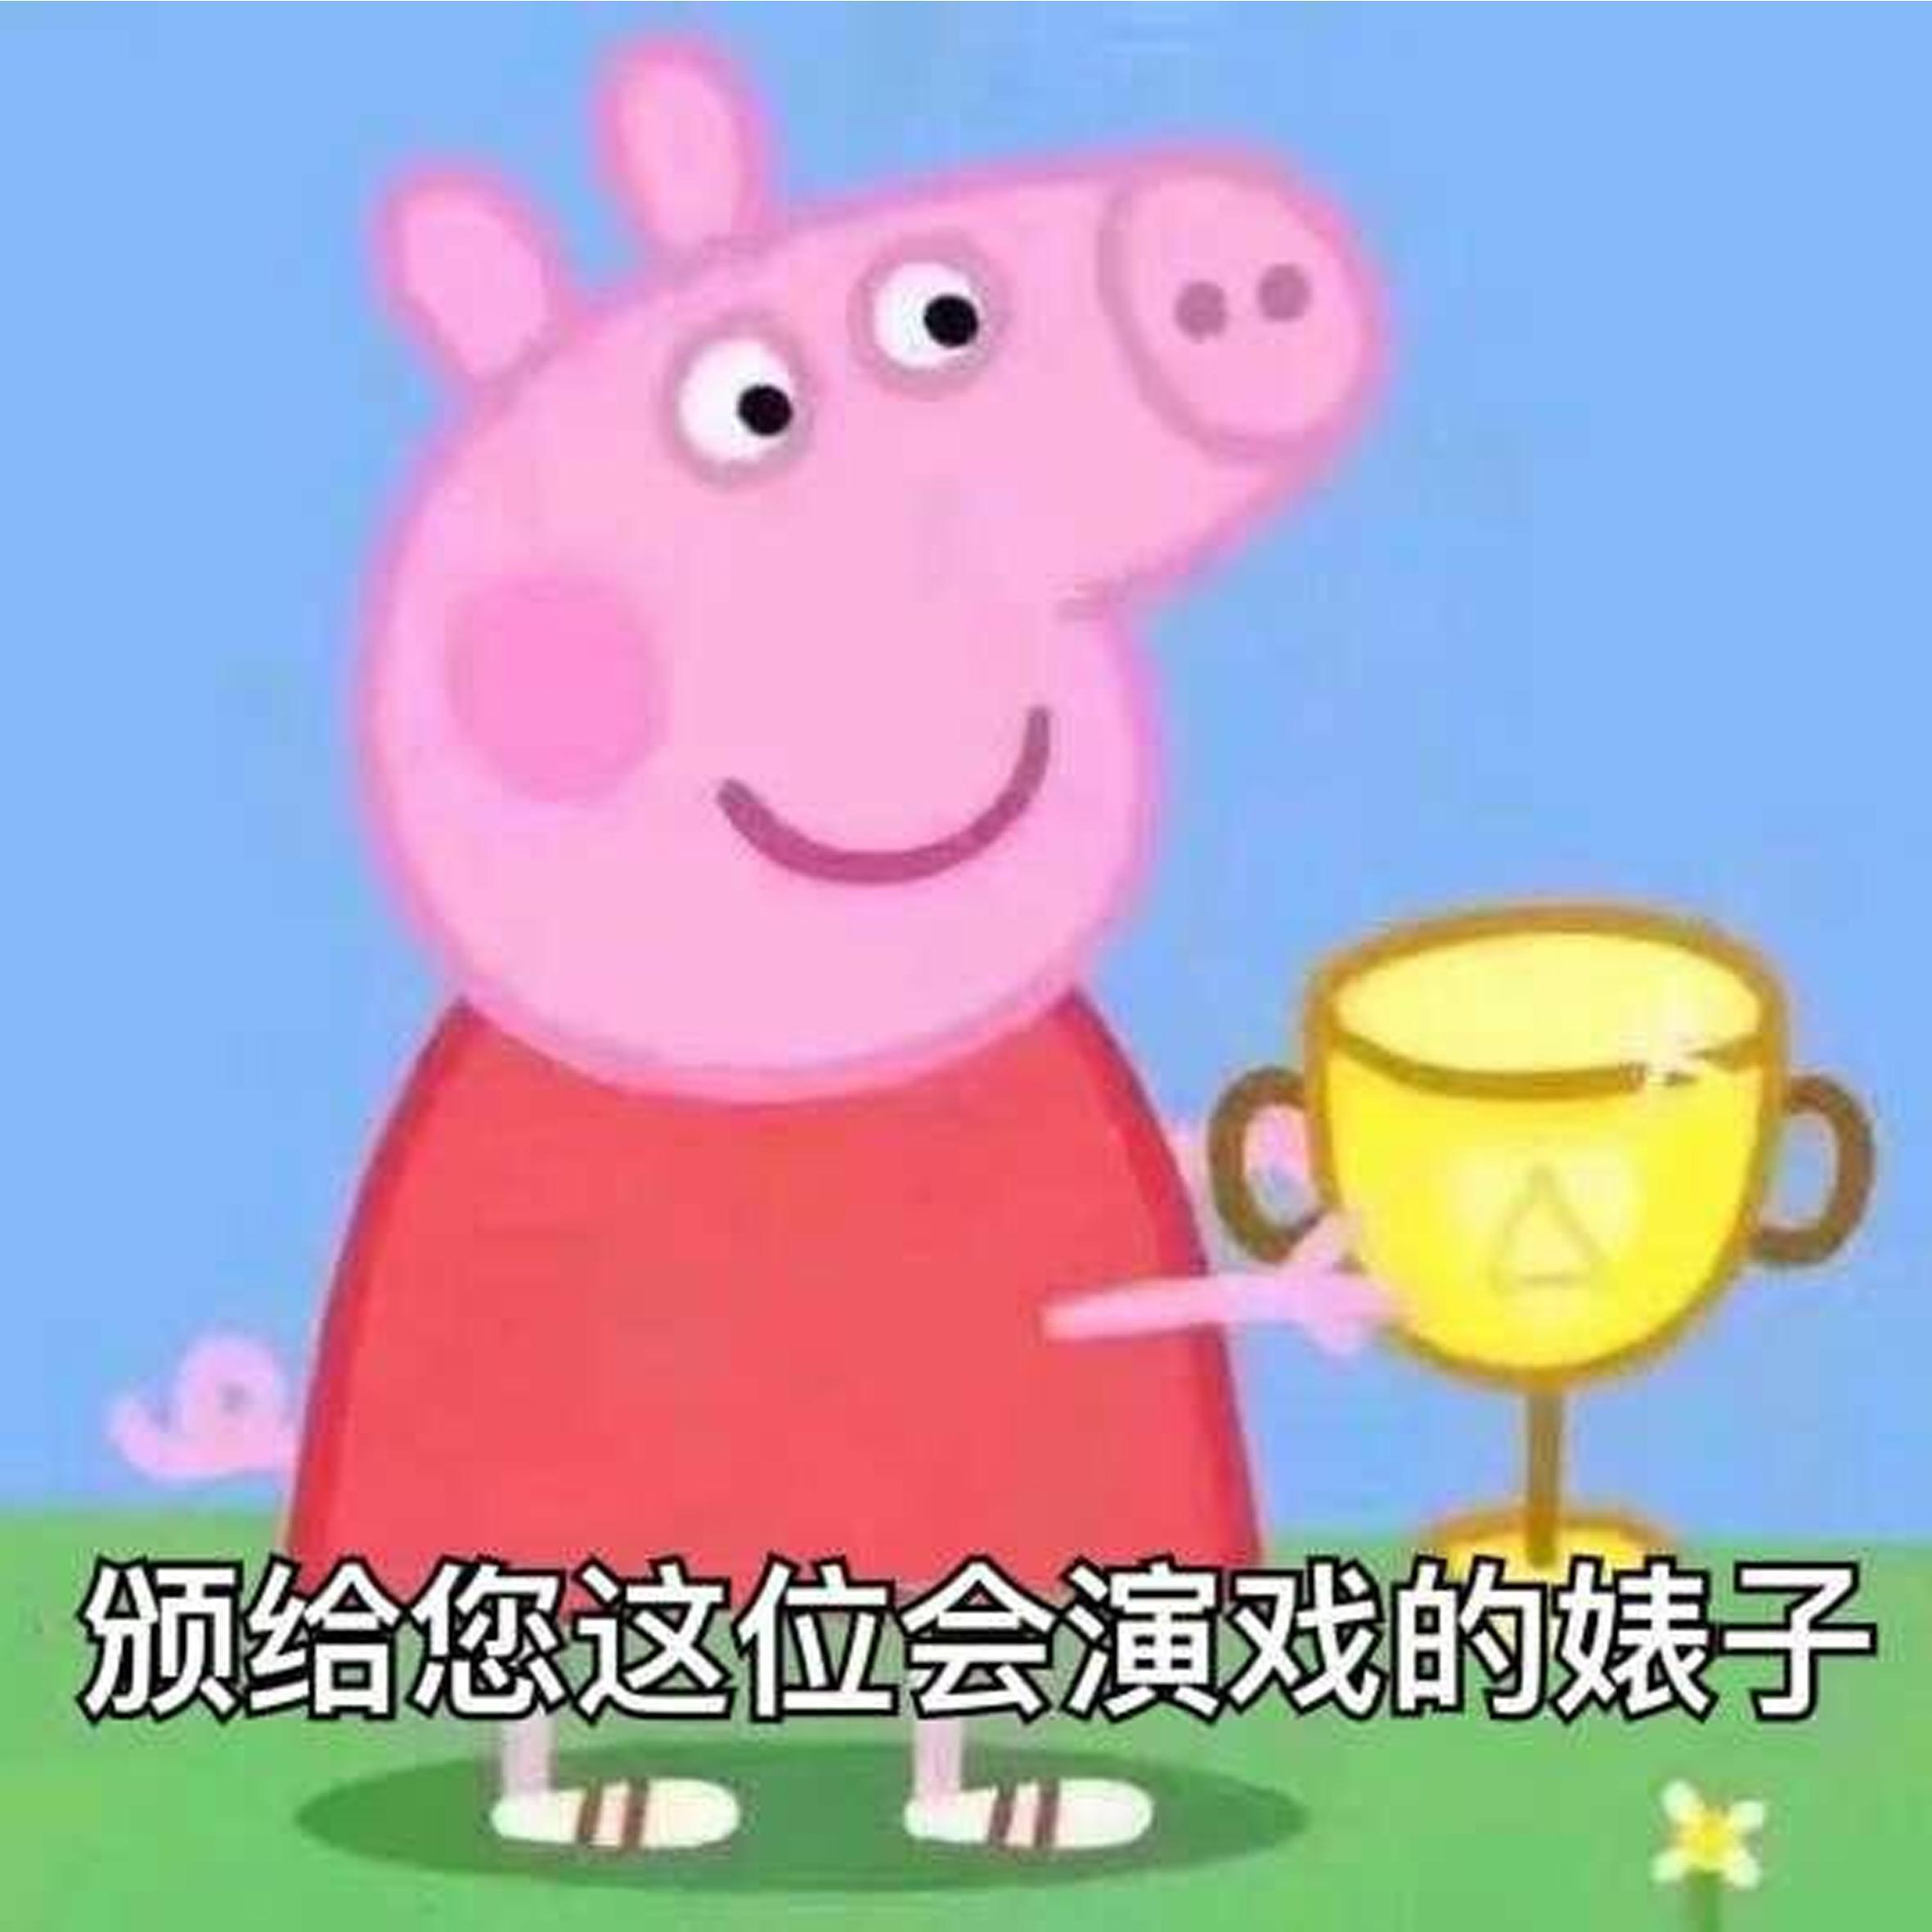 猪洗澡的视频表情包